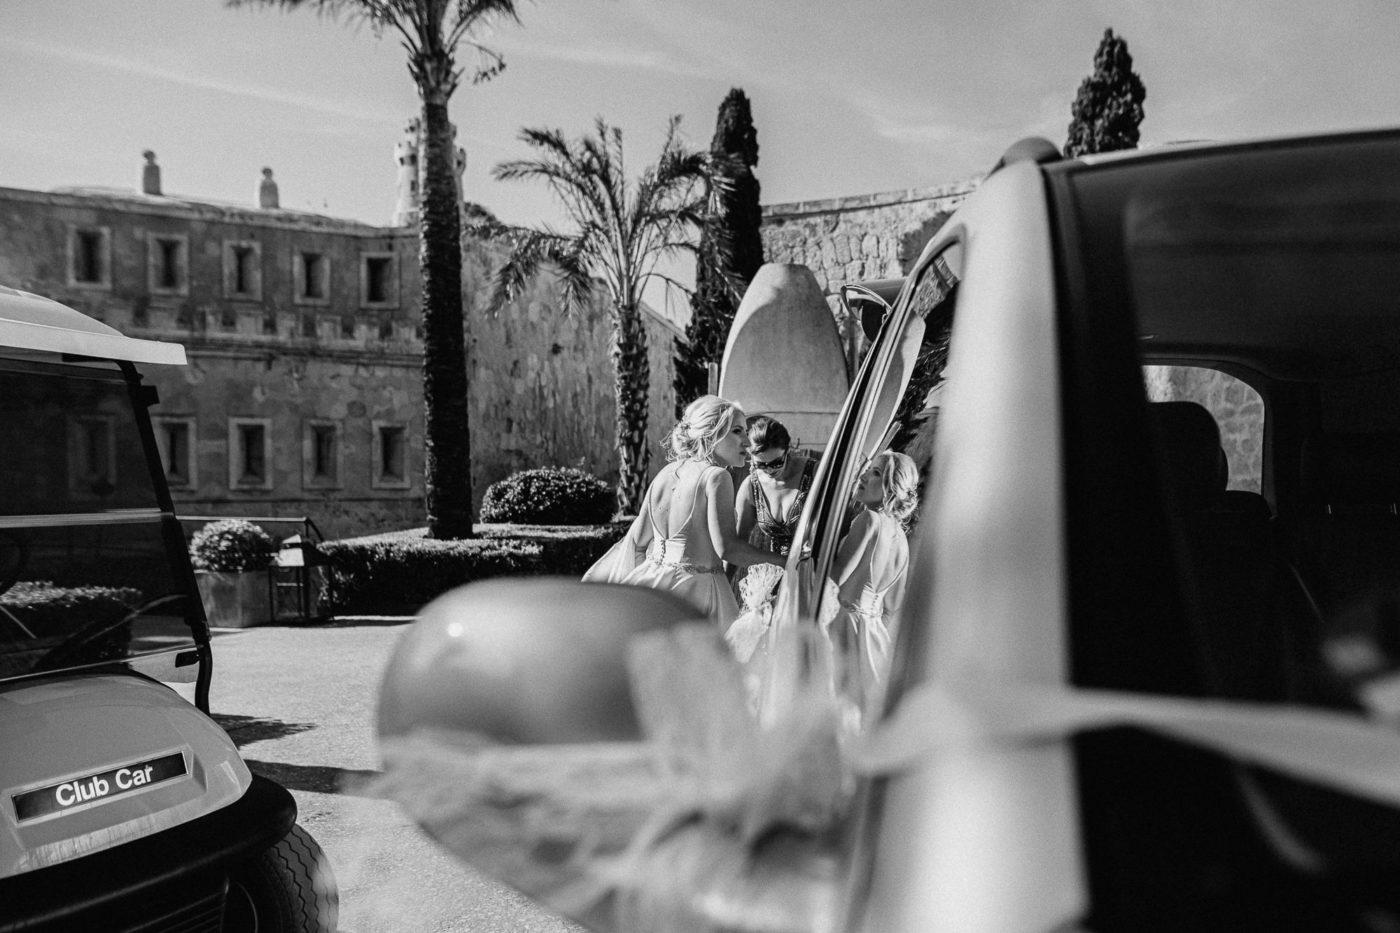 Die Braut mit Spiegelung im Hochzeitsauto am Eingang ihrer Hochzeitslocation auf Mallorca